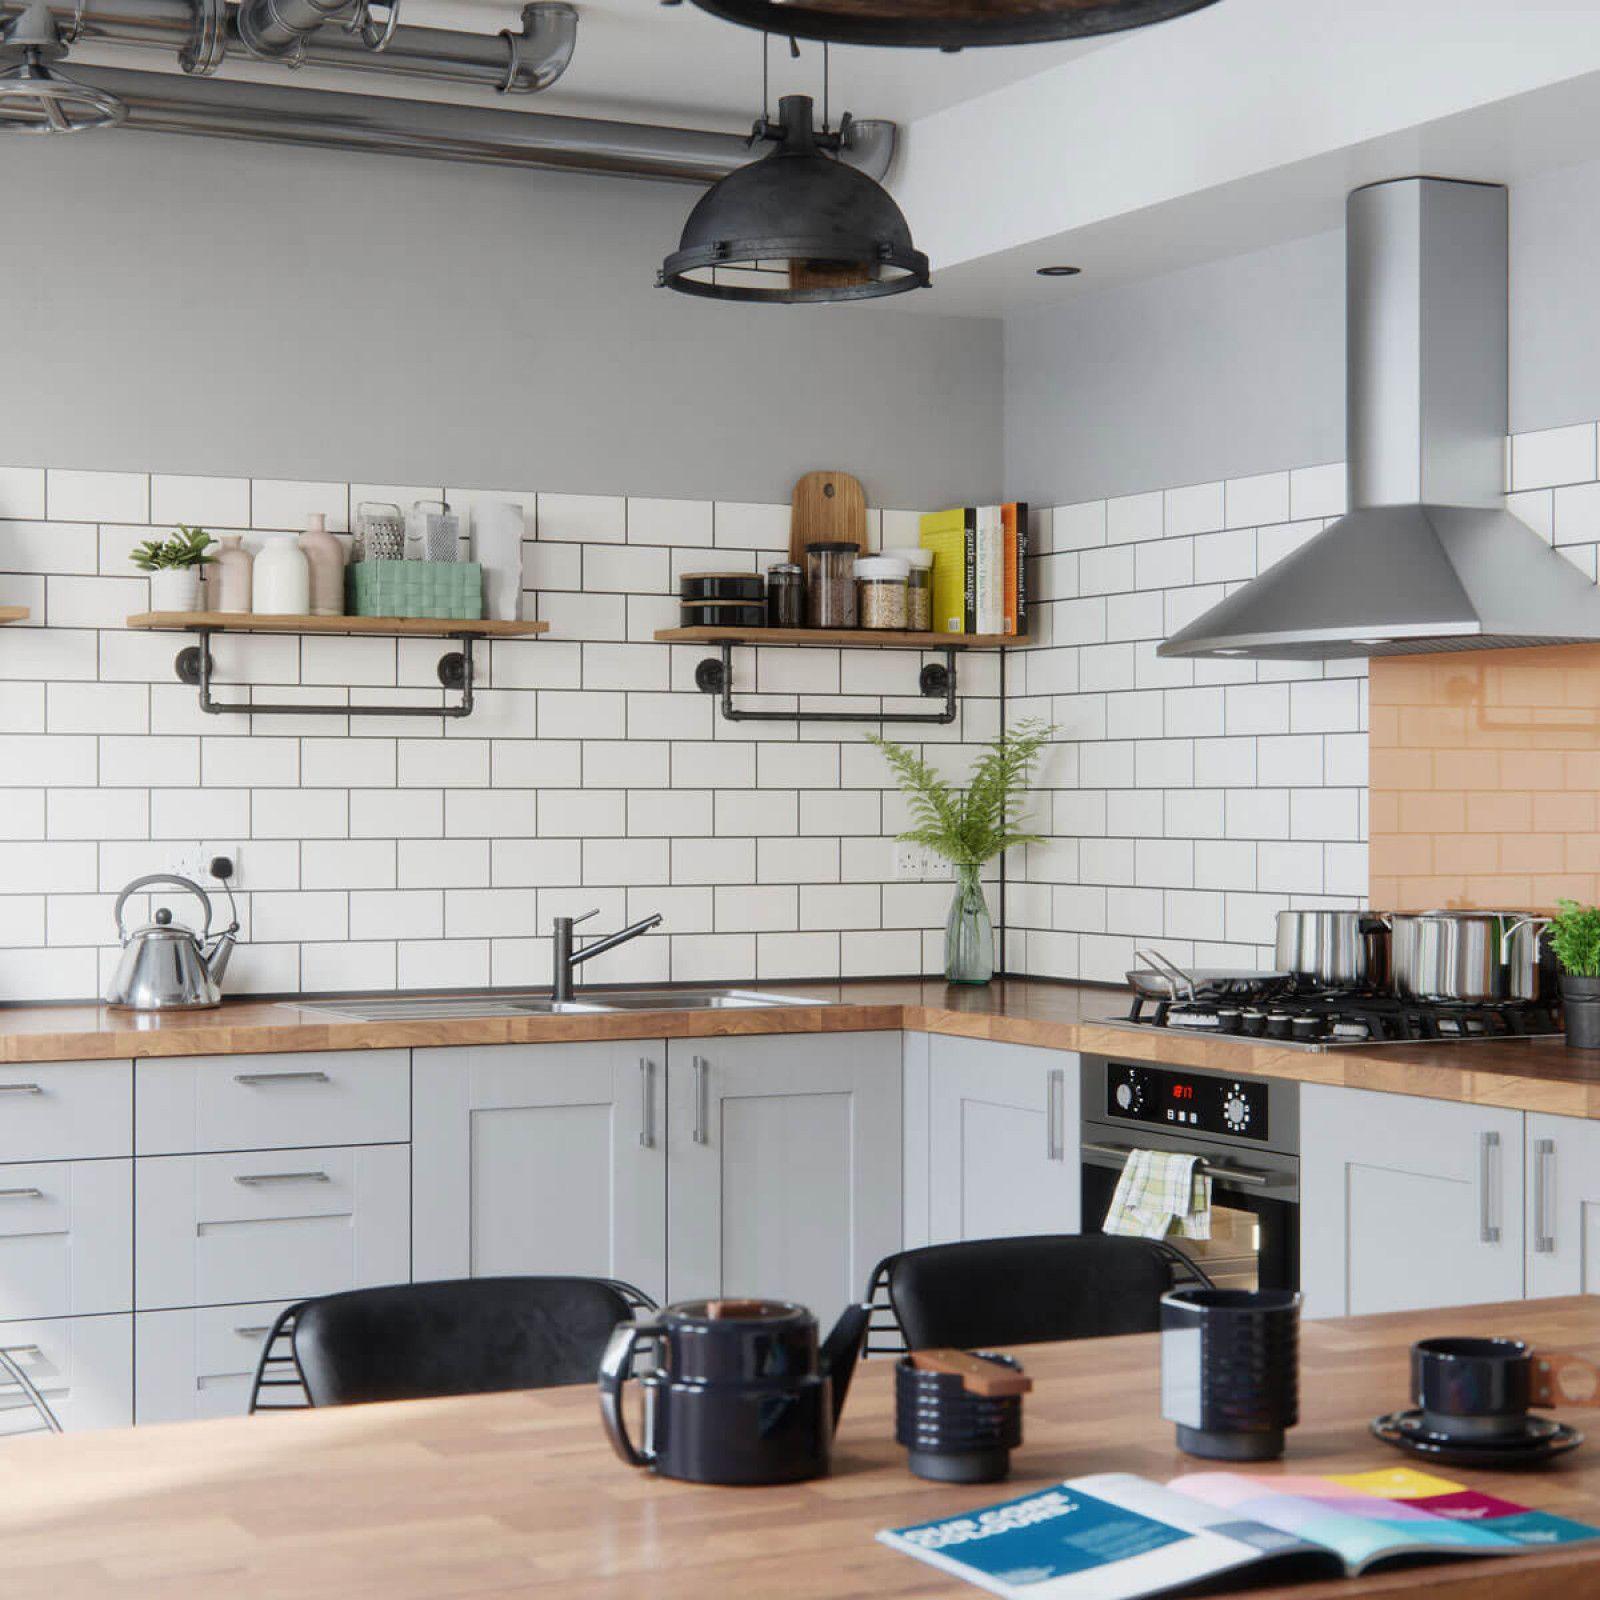 British Ceramic Tile Flat Matt White British Ceramic Tile White Kitchen Tiles Kitchen Tiles Brick Tiles Kitchen